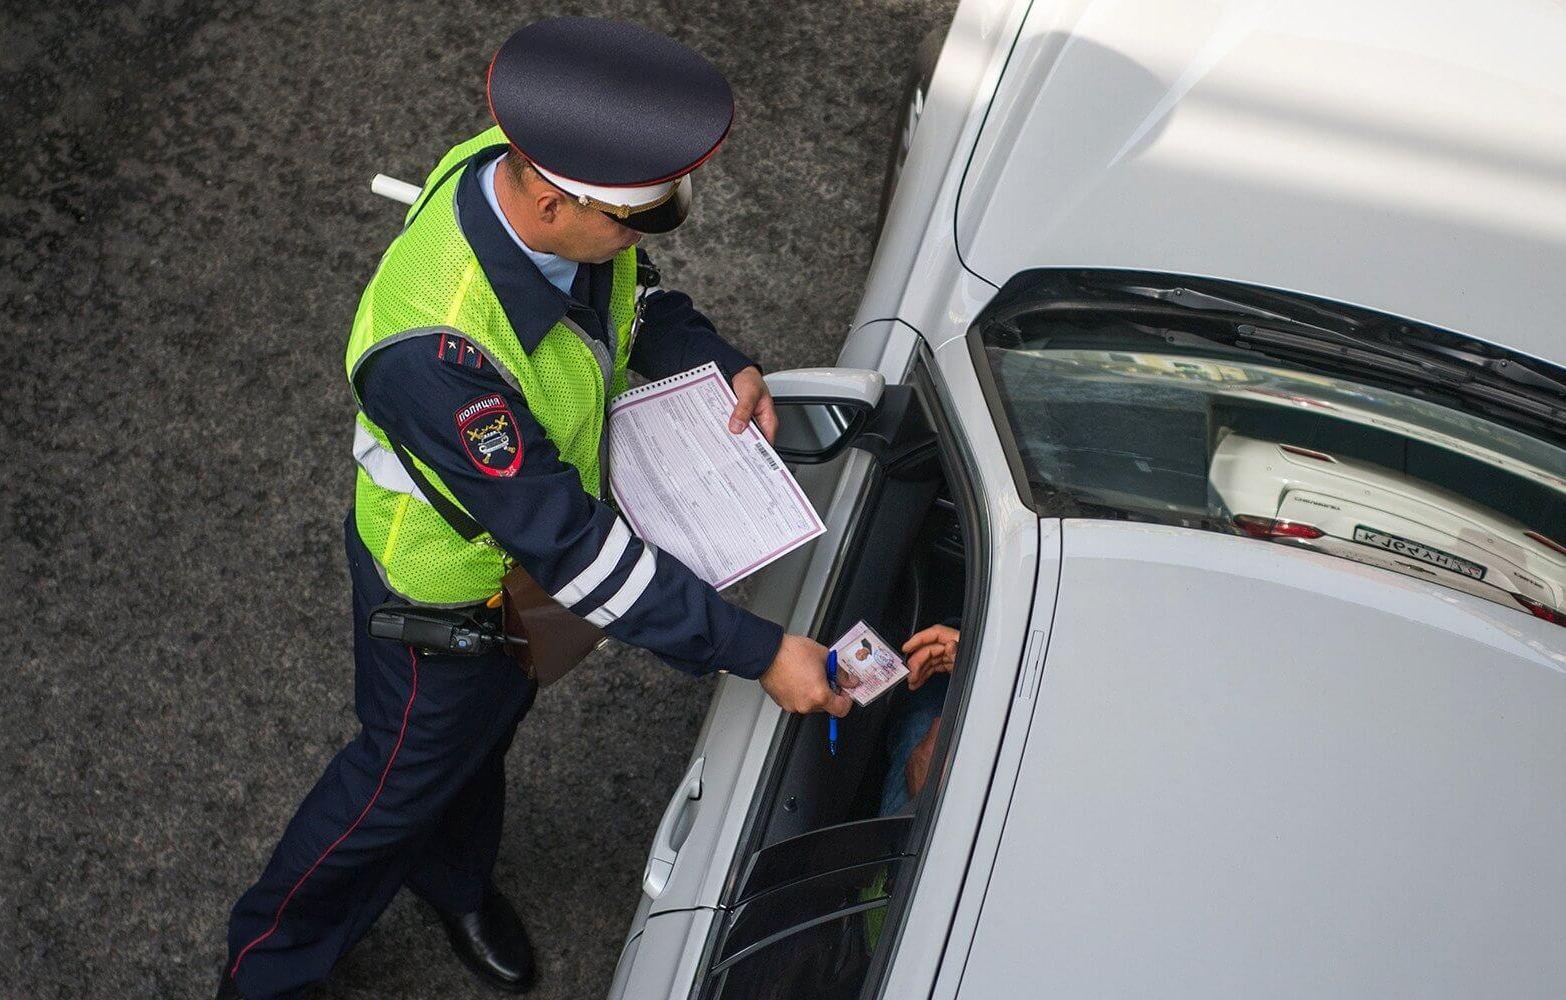 Инспектор попросил документы, ушел и не возвращает. Что делать?